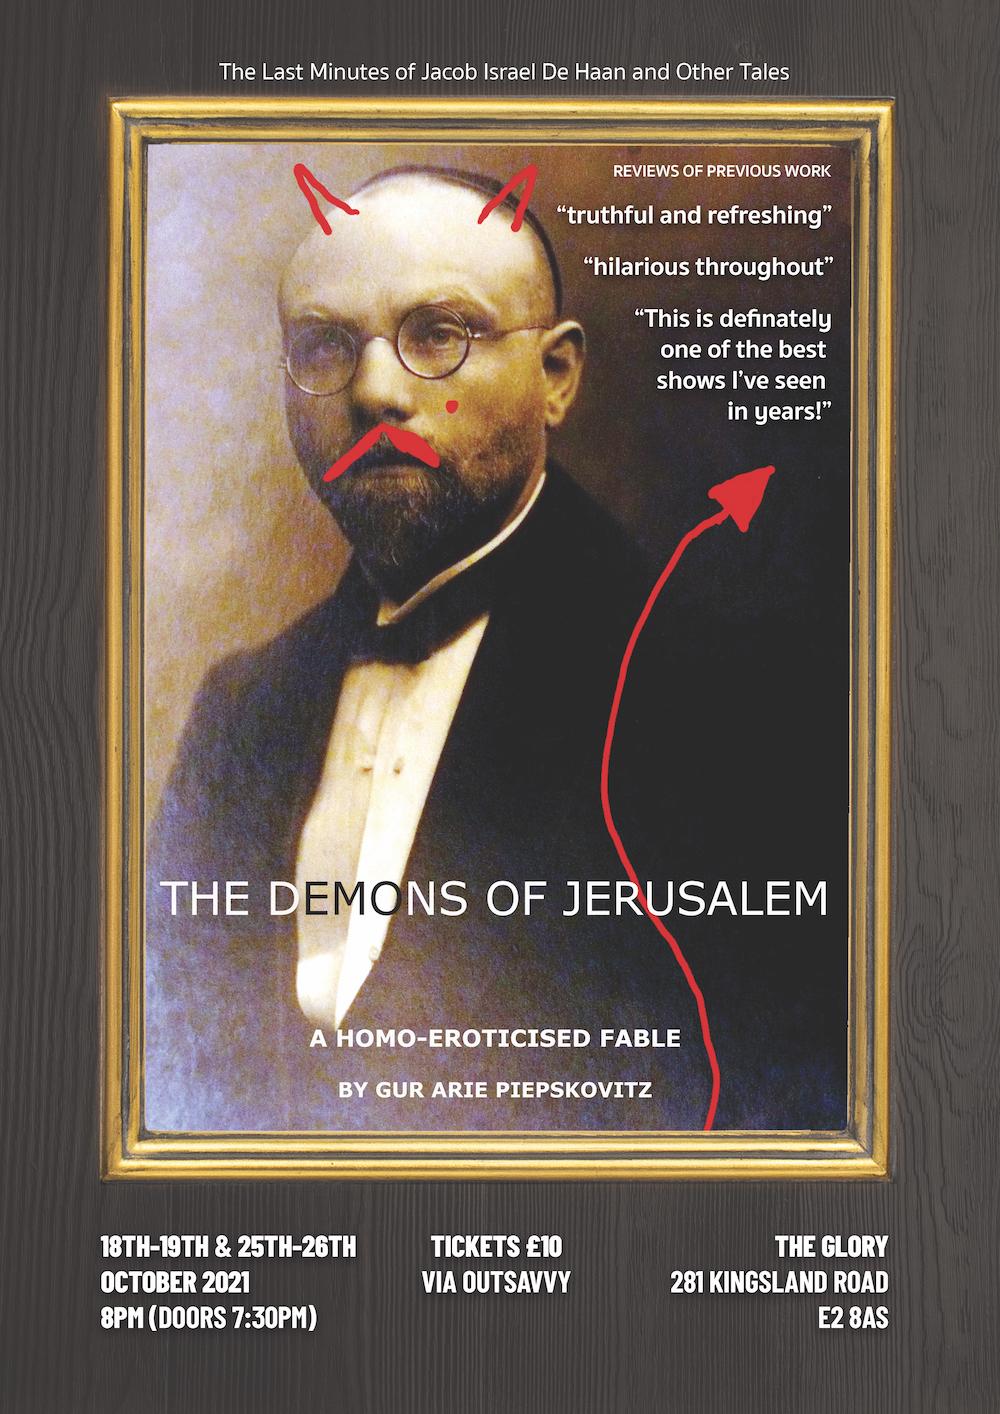 The Demons of Jerusalem